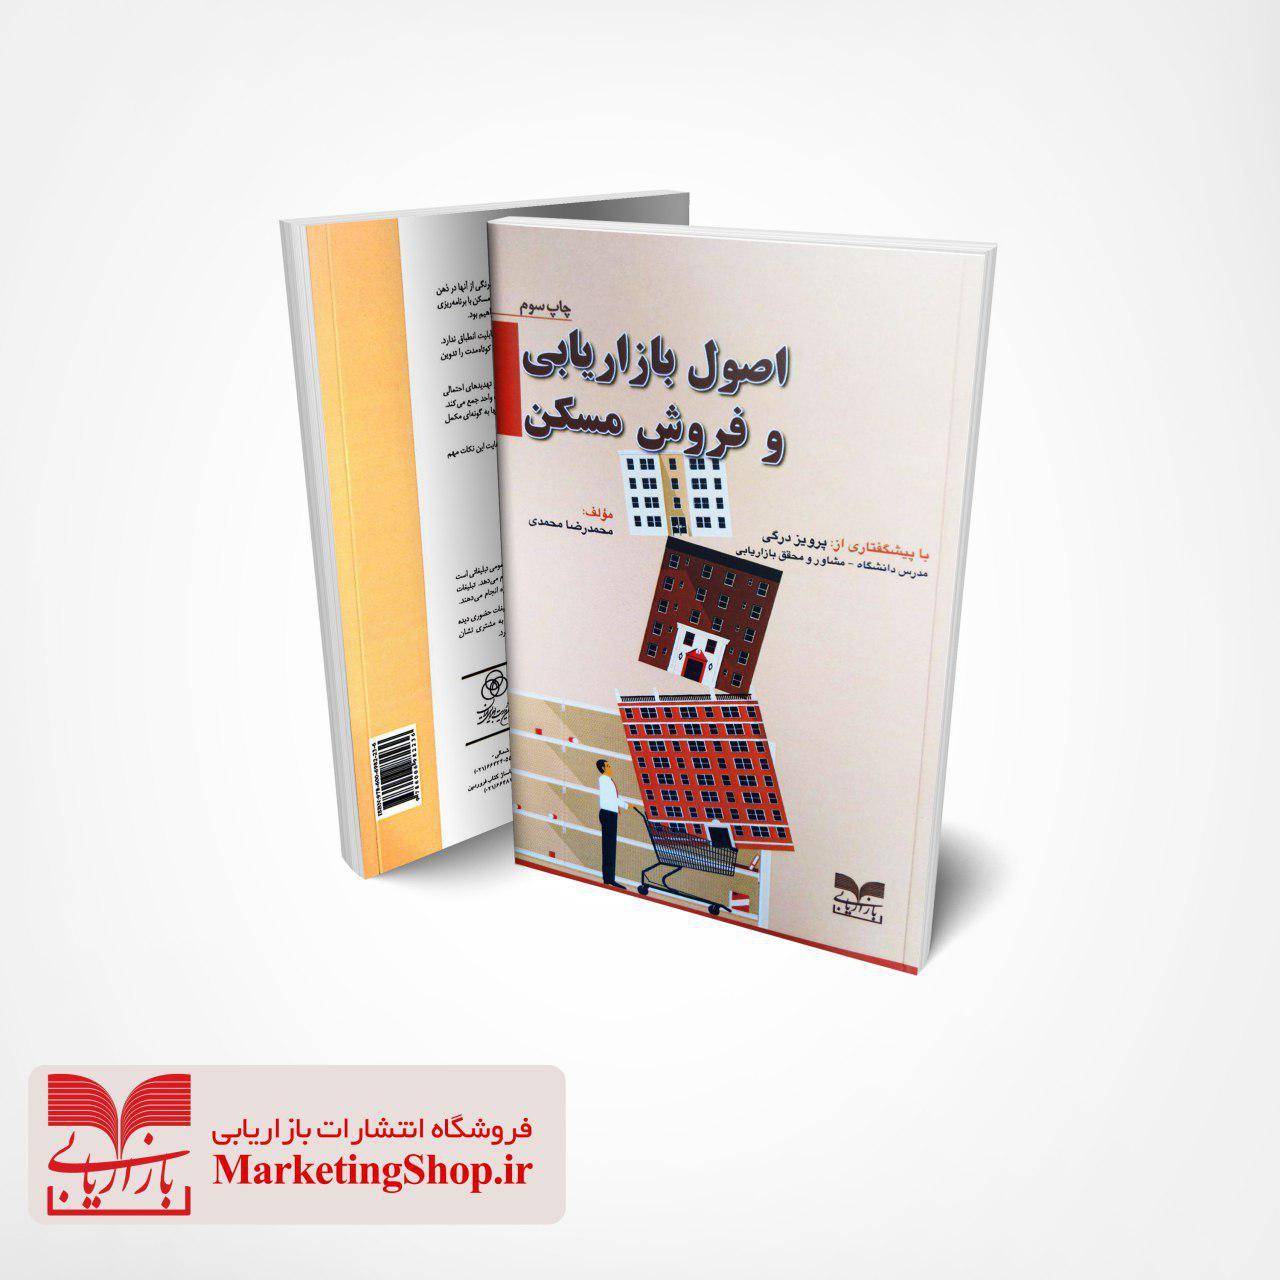 چاپ سوم کتاب اصول بازاریابی و فروش مسکن